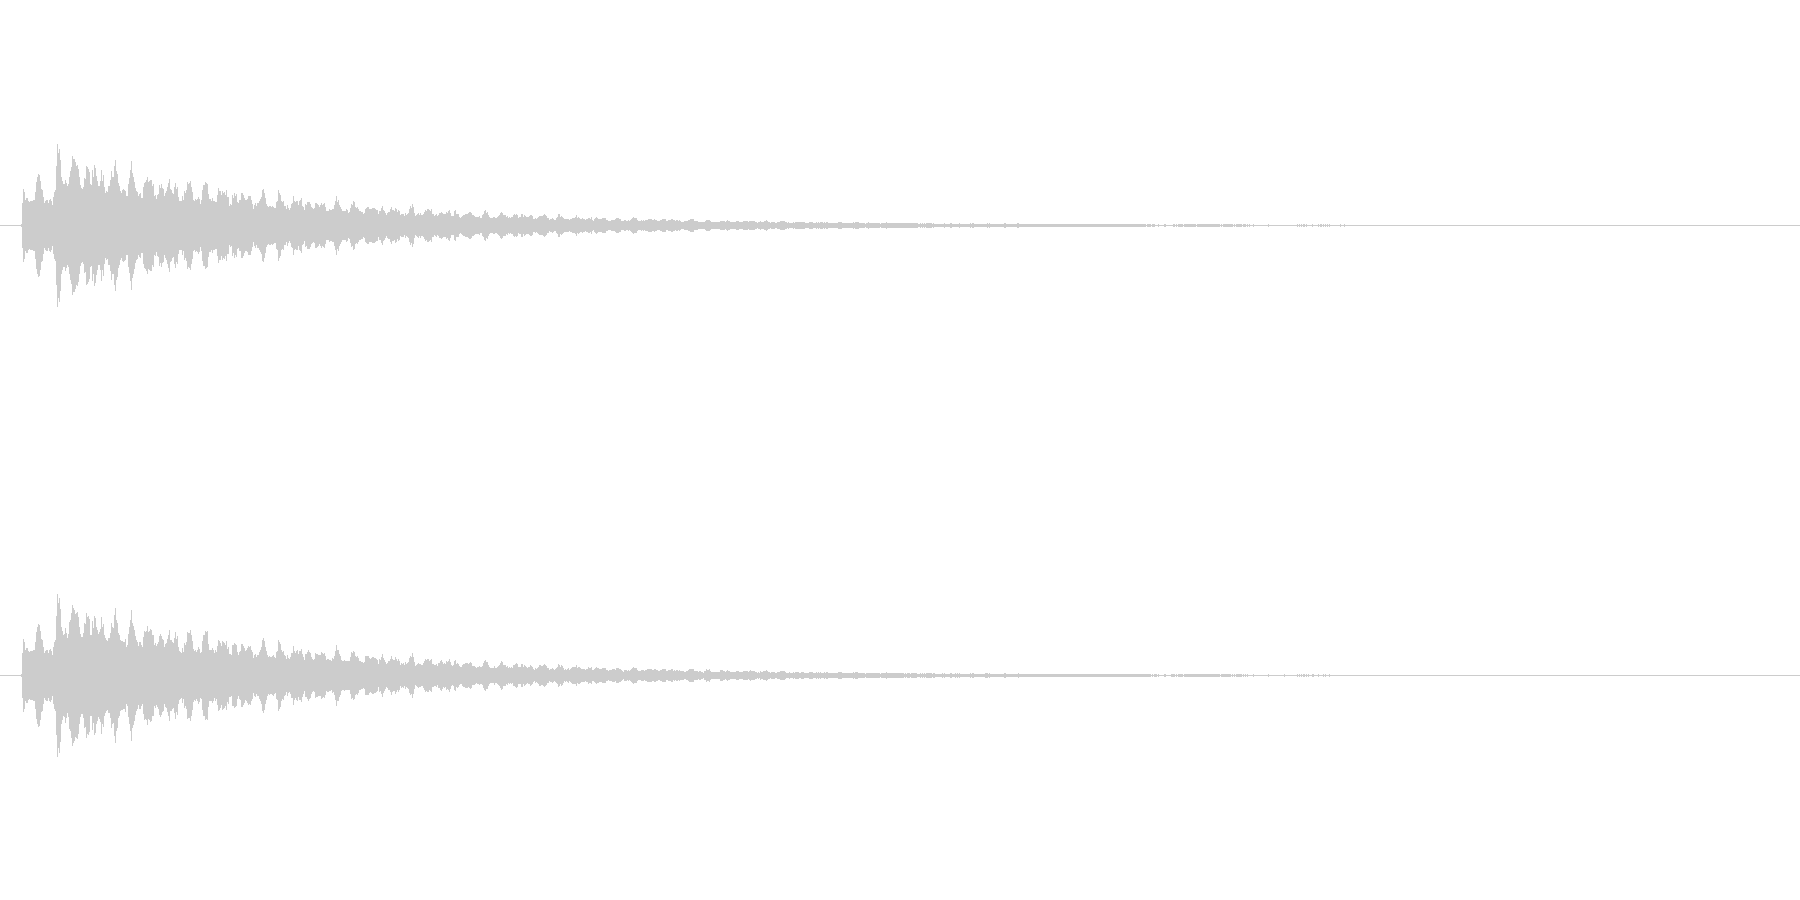 コイン、アイテム獲得 かわいいシンセ音の未再生の波形